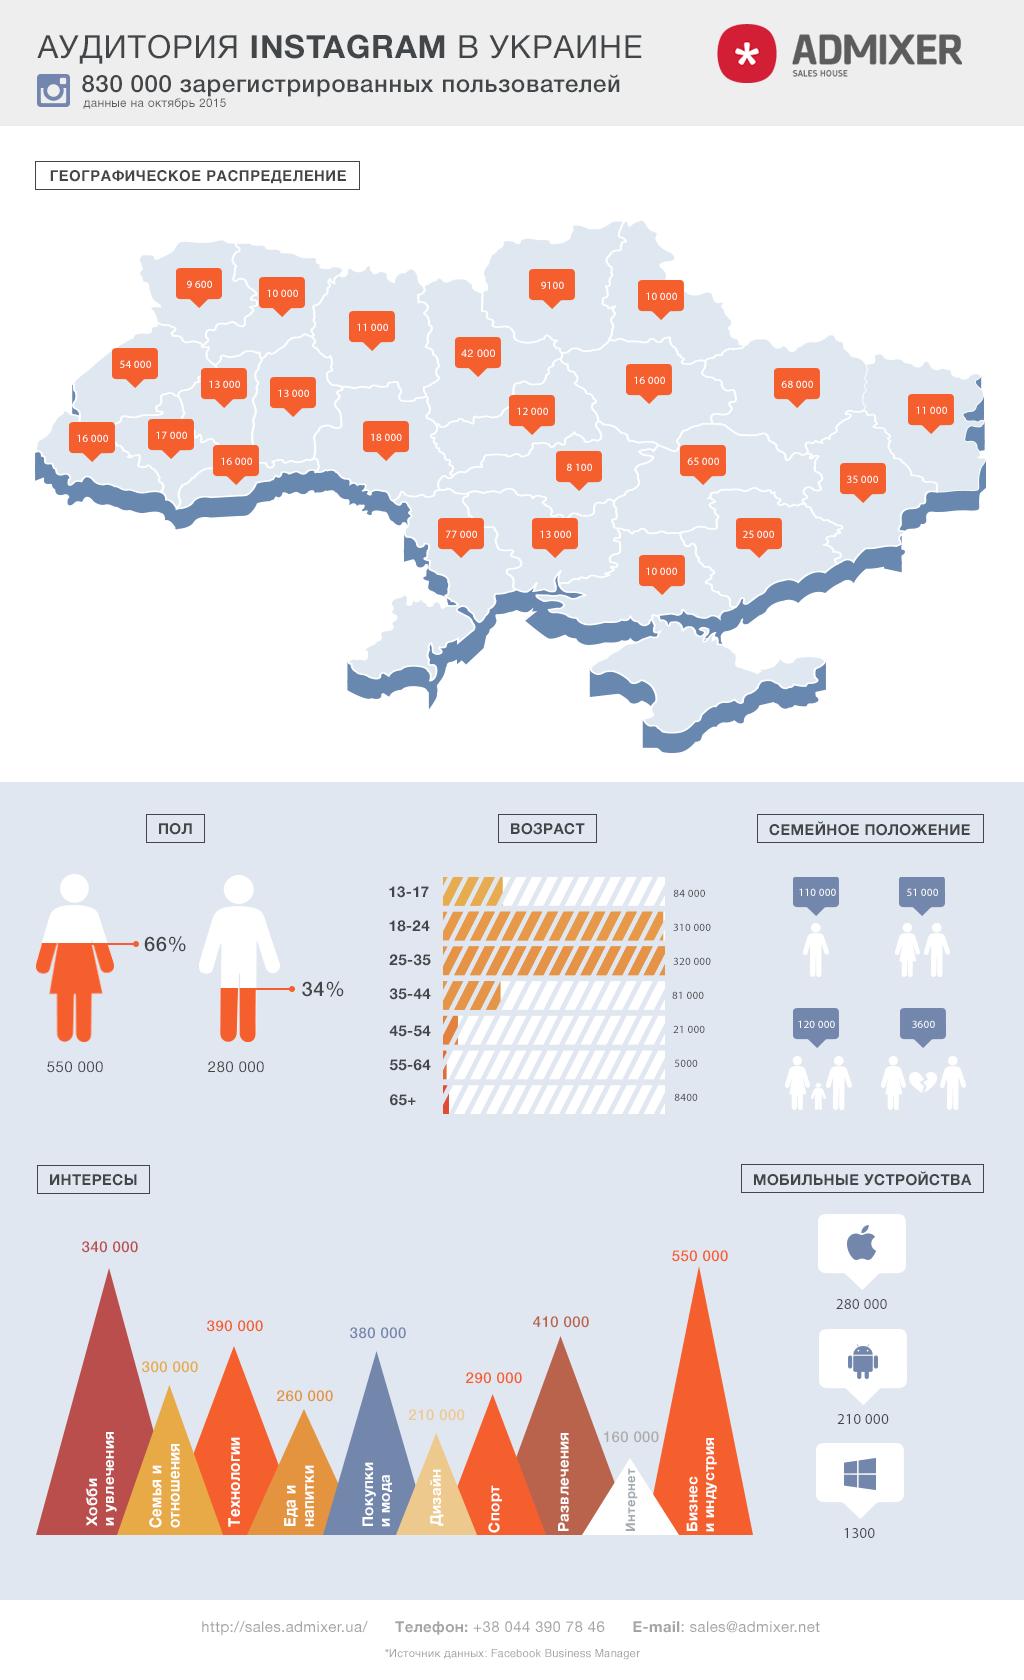 Аудитория Instagram в Украине: Кто, где и что постит (инфографика)